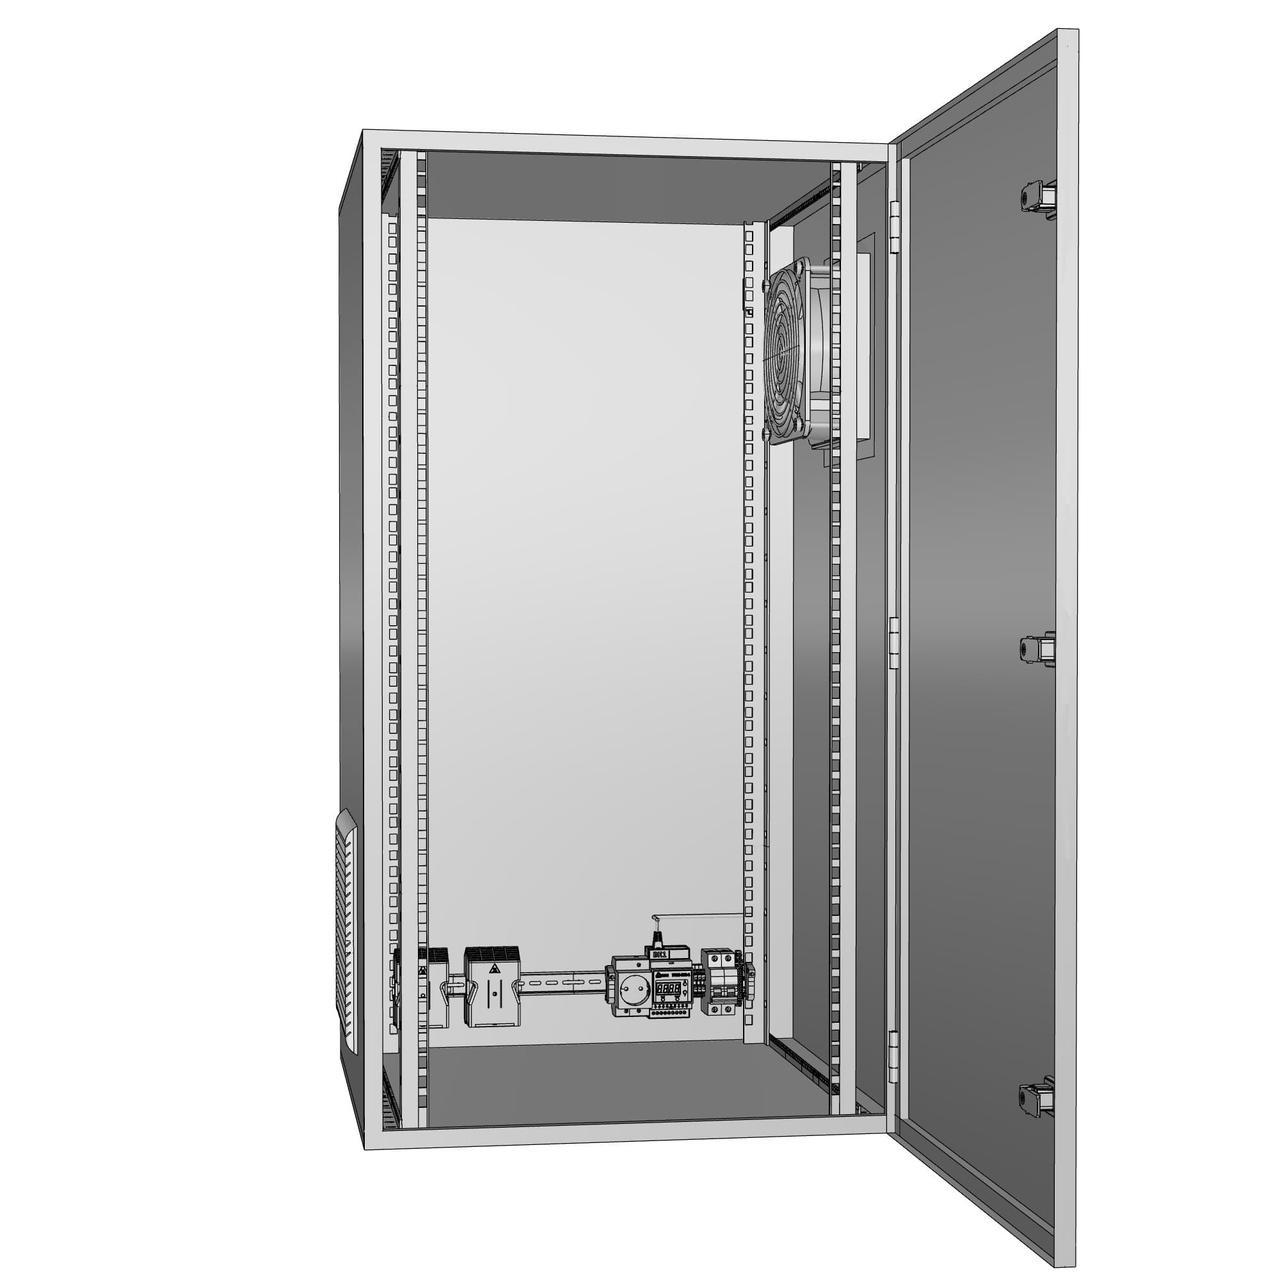 Шкаф климатический утеплённый с обогревом и вентиляцией ЩКу- ОВ- 1 - 400×300×200 (В×Ш×Г) IP65